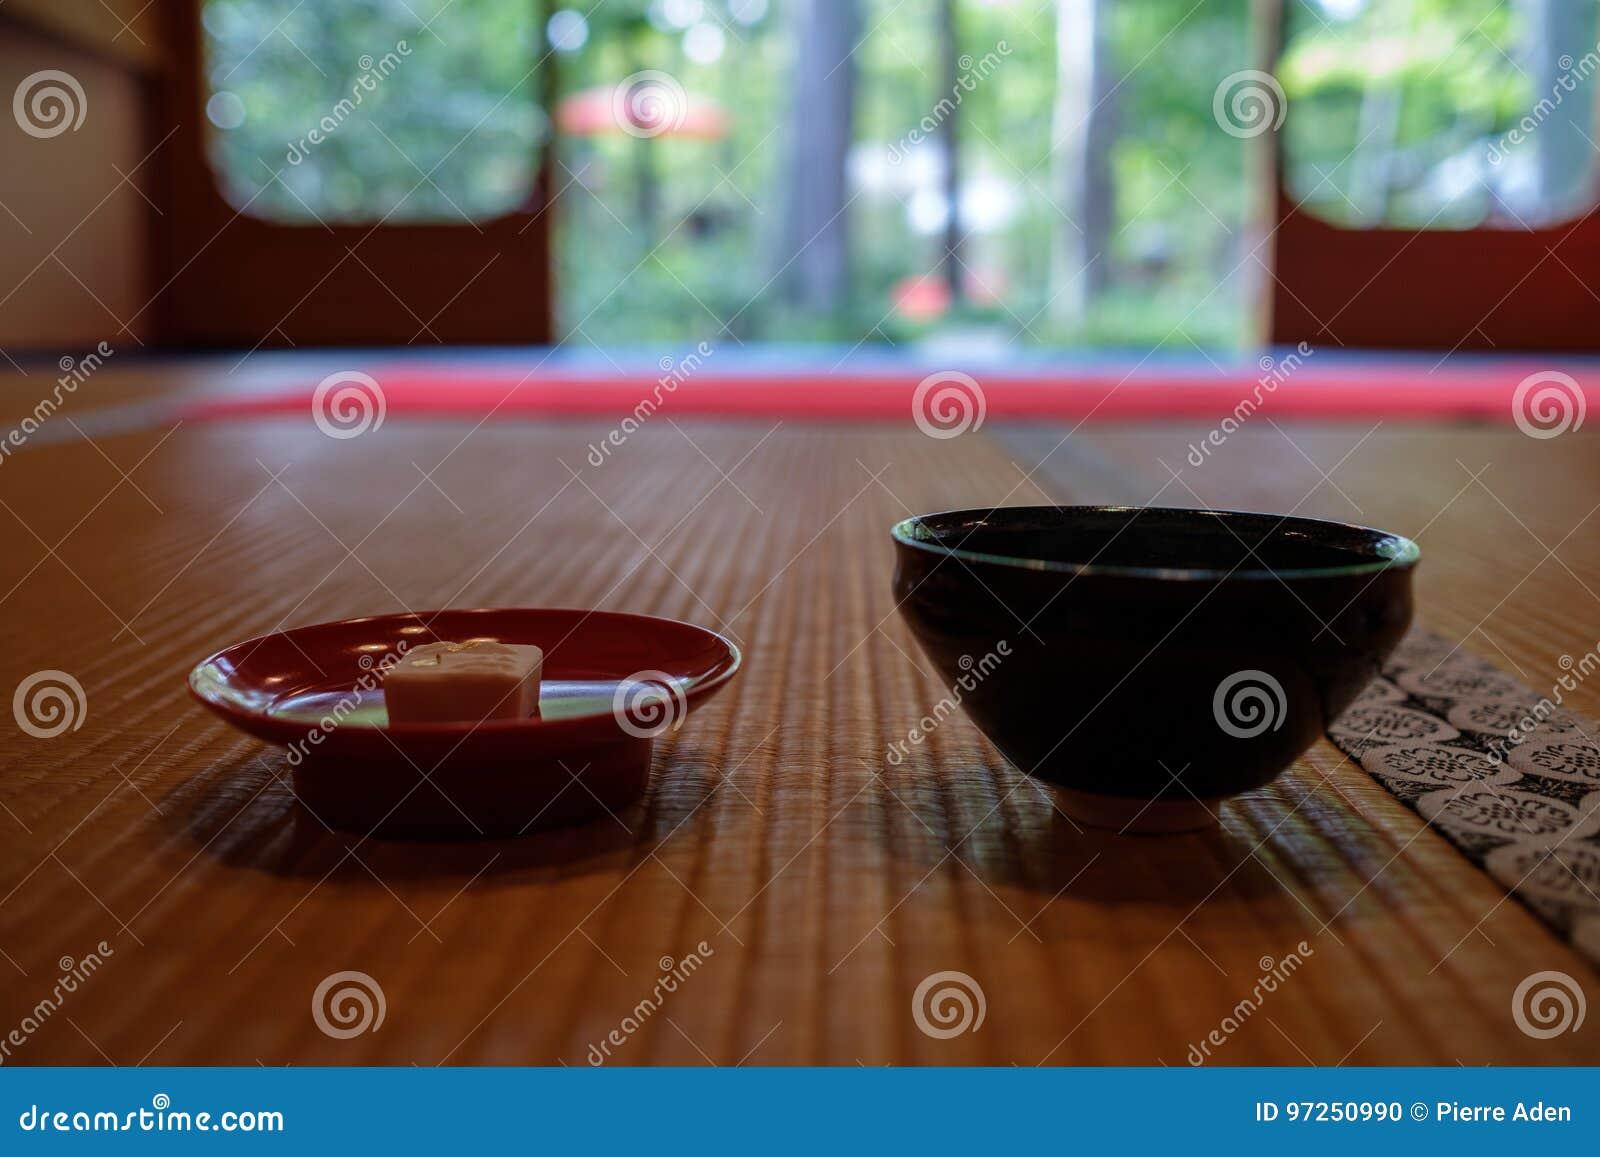 茶道的杯在寺庙